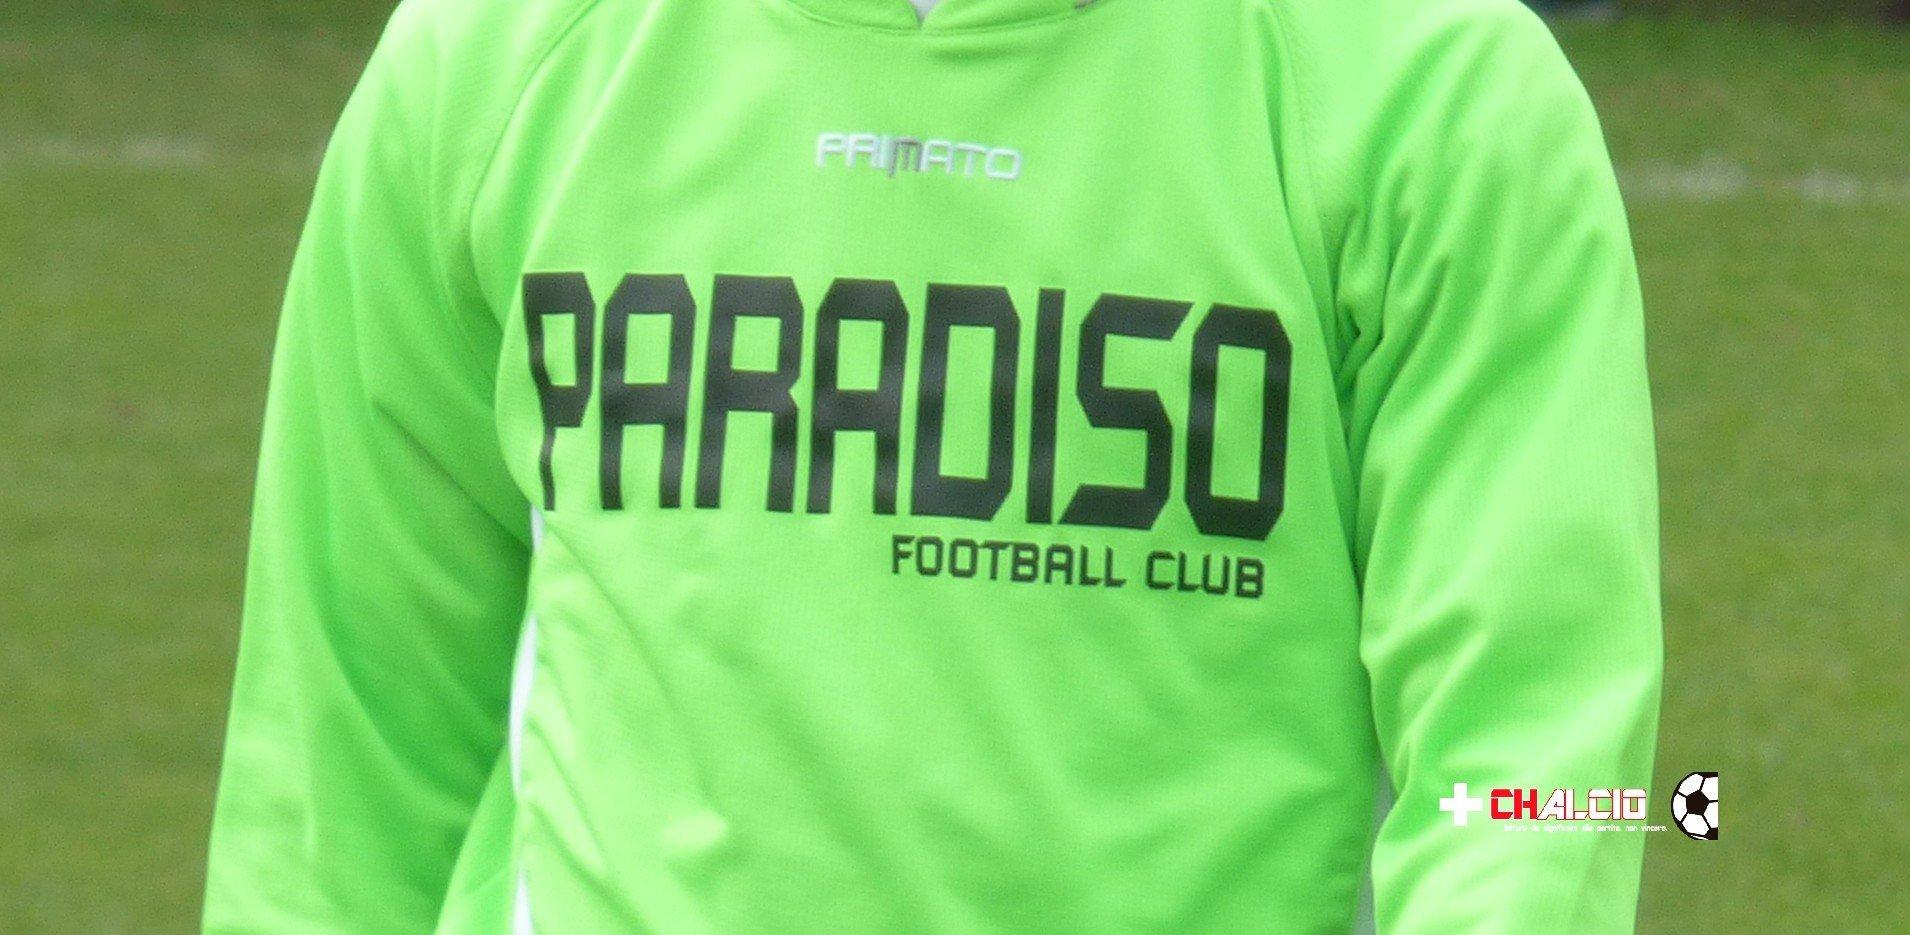 """2LR: Paradiso migliore delle """"altre"""""""